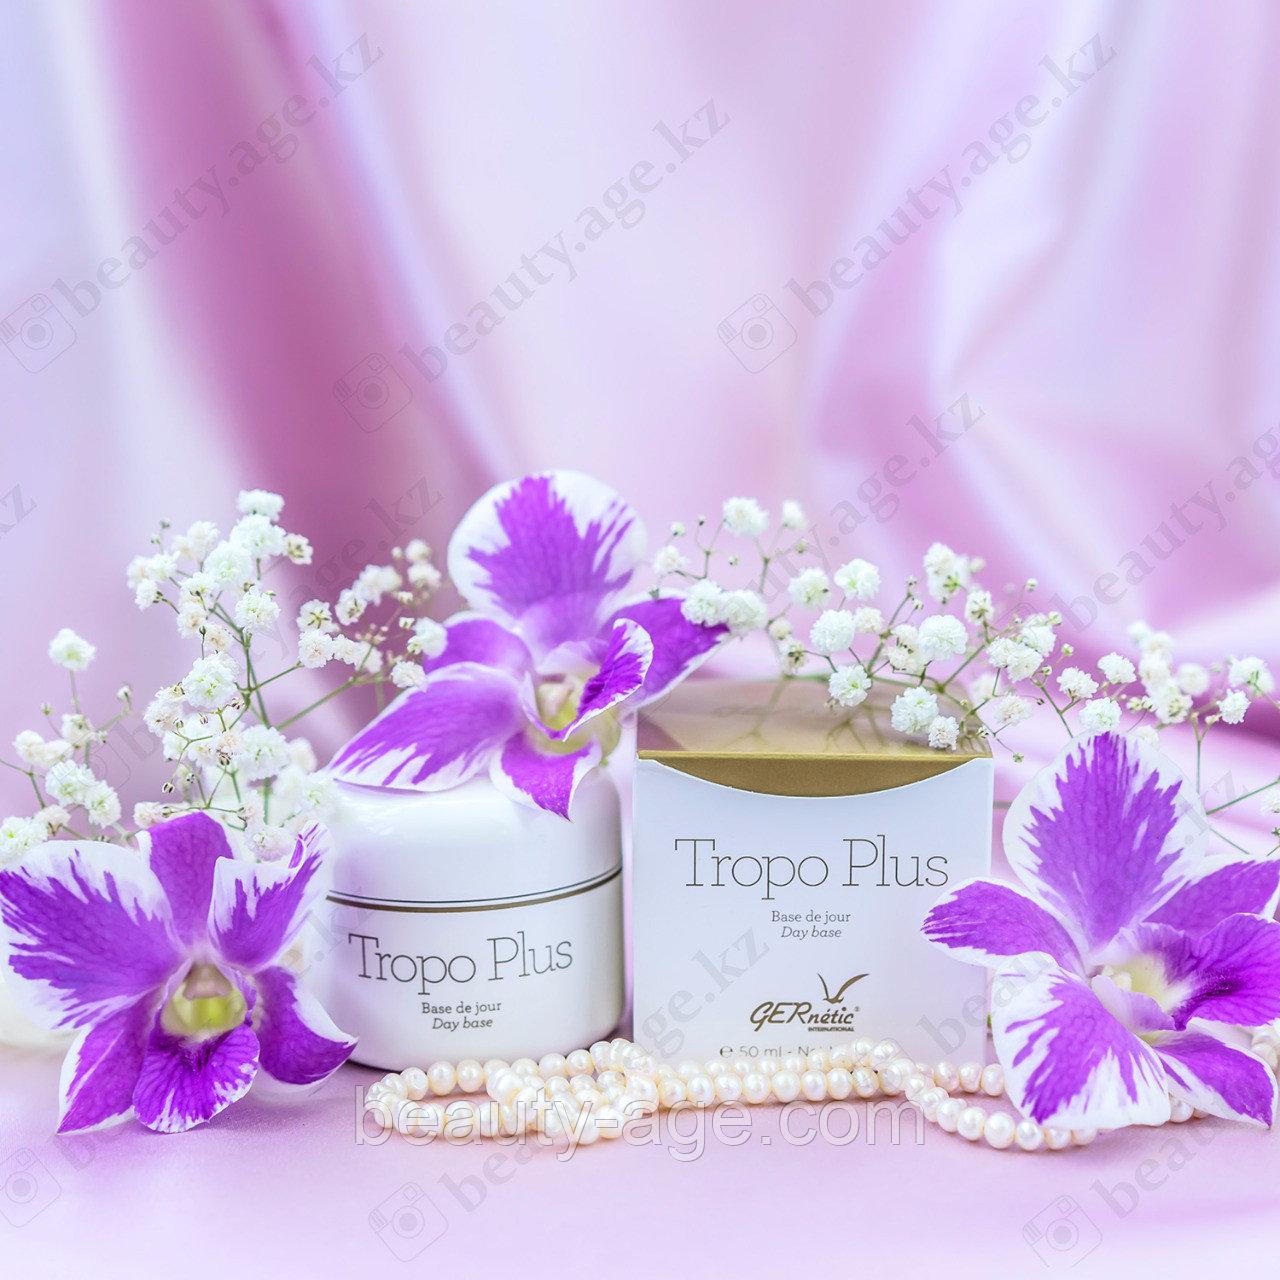 Дневной крем для сухой кожи Tropo Plus